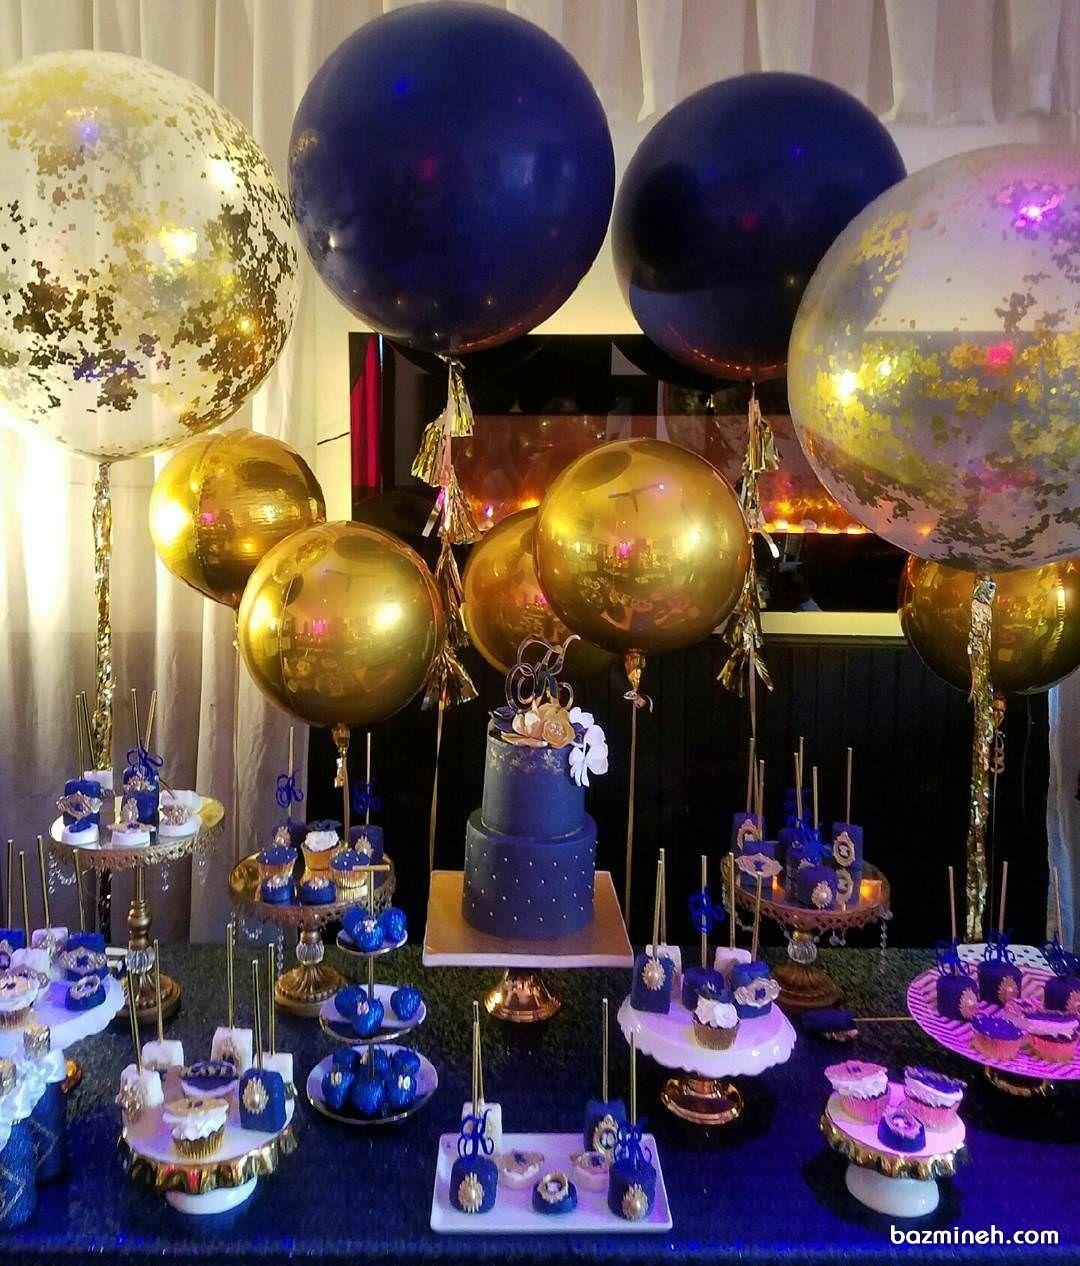 میزآرایی جشن تولد با تم سورمه ای طلایی Balloon Centerpieces Wine Art Happy Birthday Banners